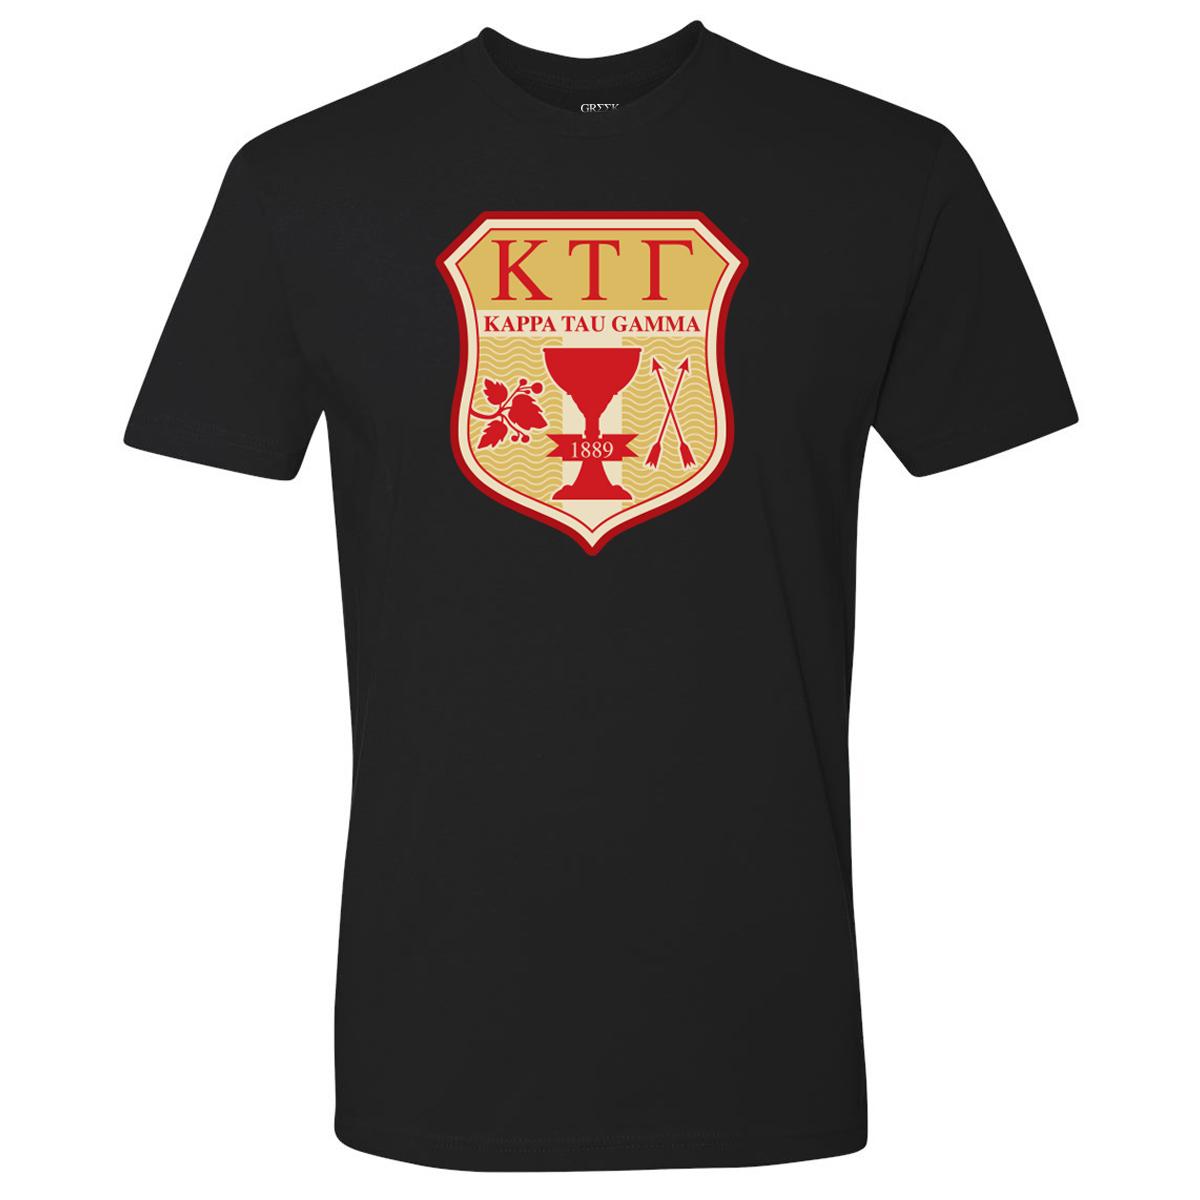 Greek Kappa Tau Gamma T-Shirt (Black)